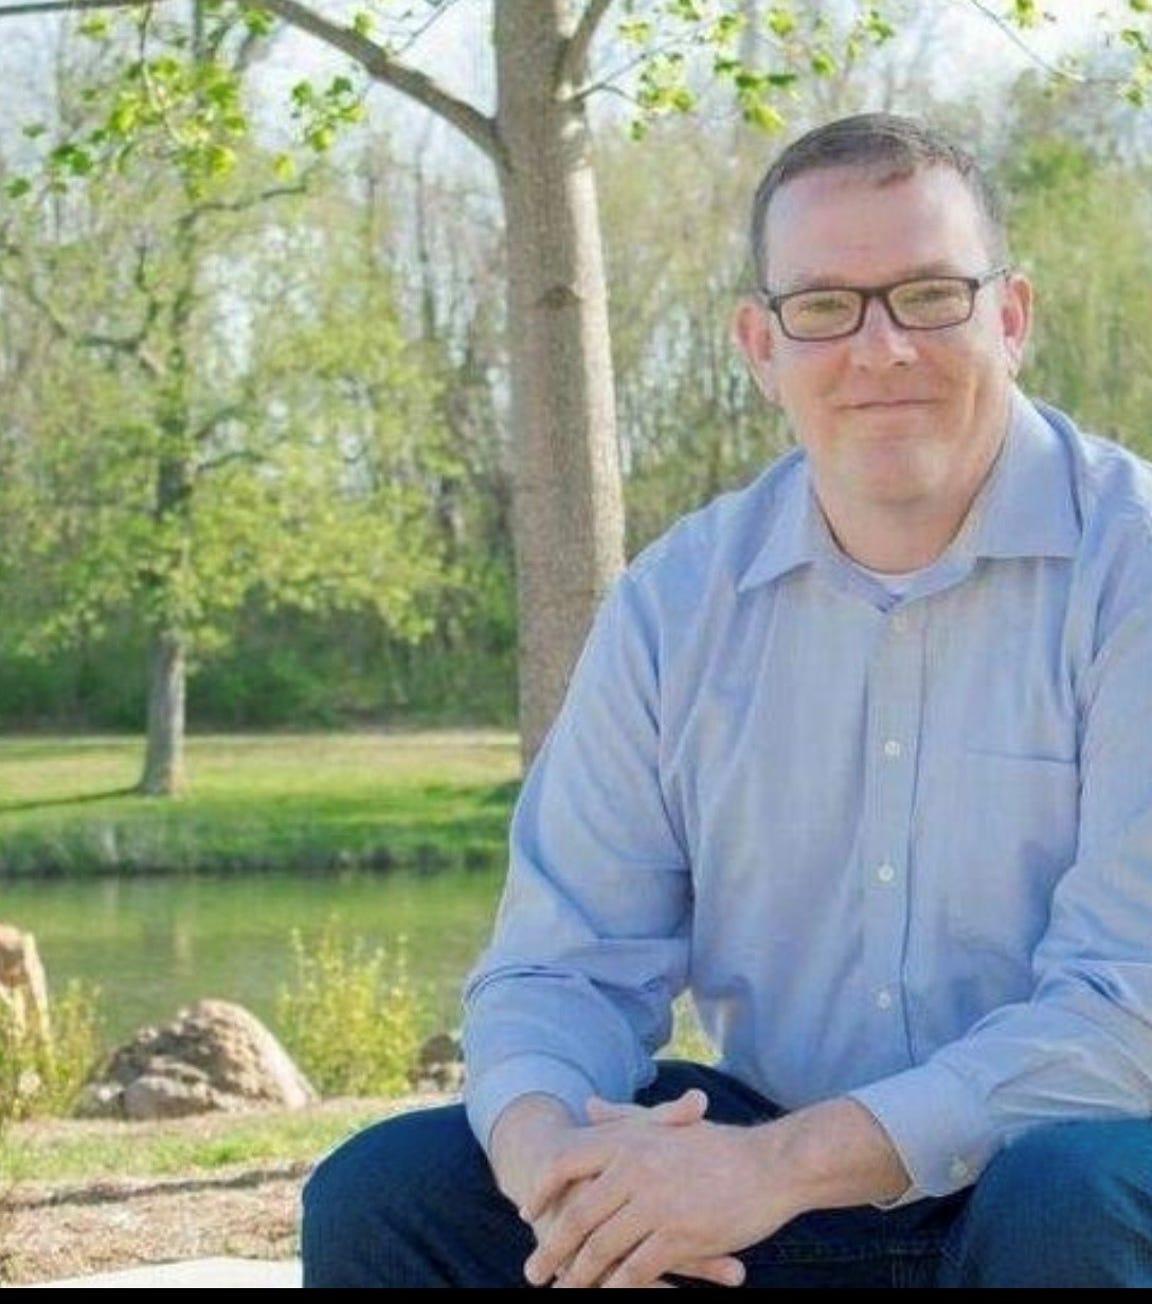 Missouri District 7 candidate Jamie Schoolcraft